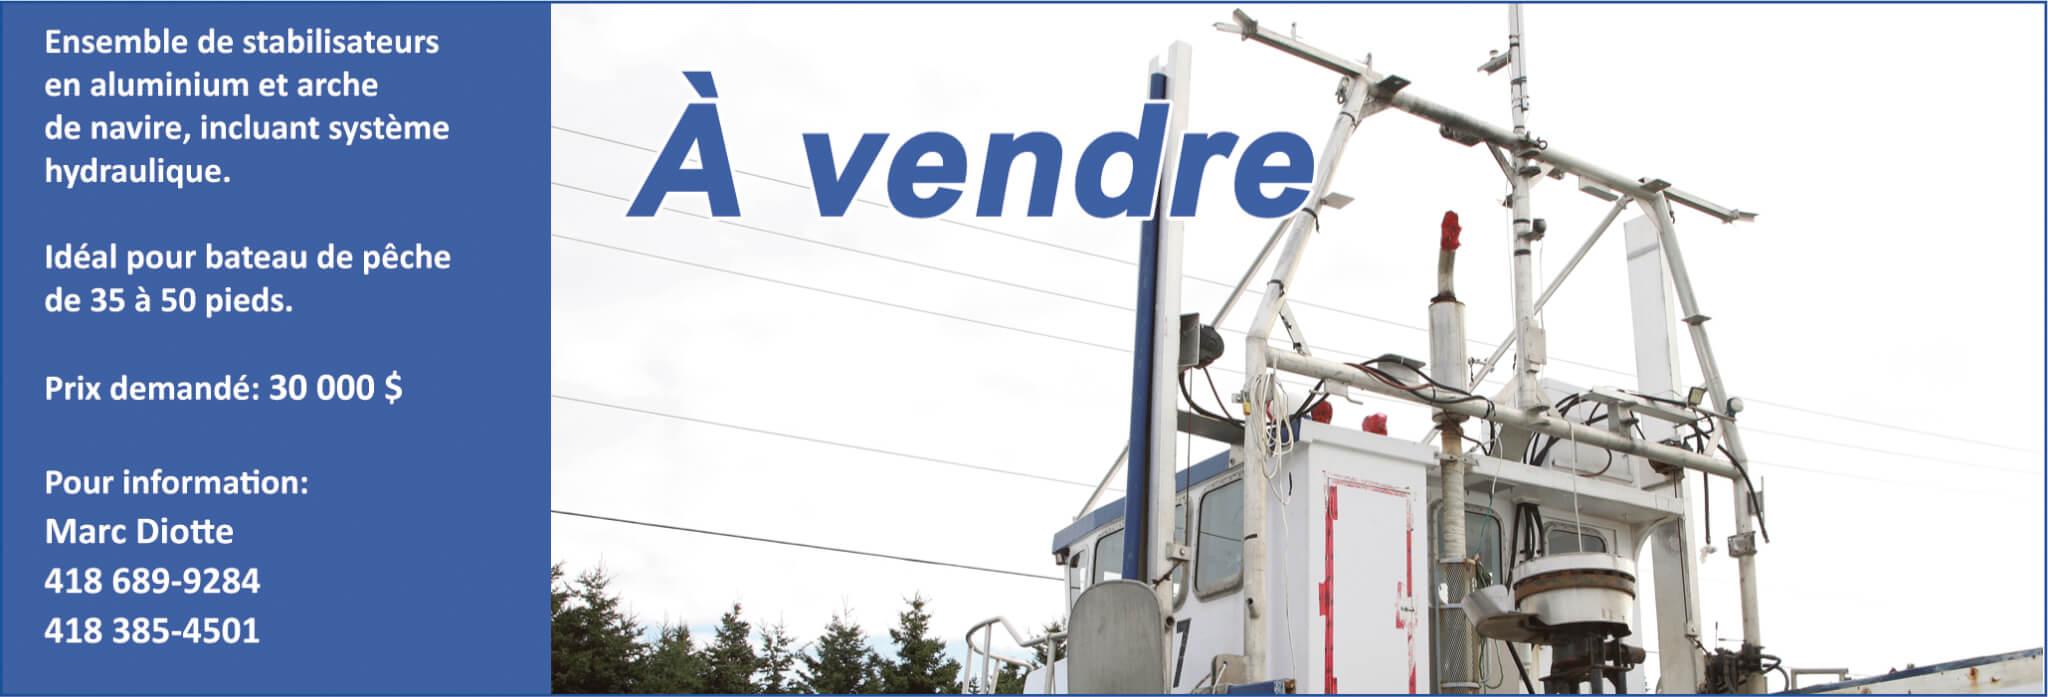 Équipement à vendre - Marc Diotte